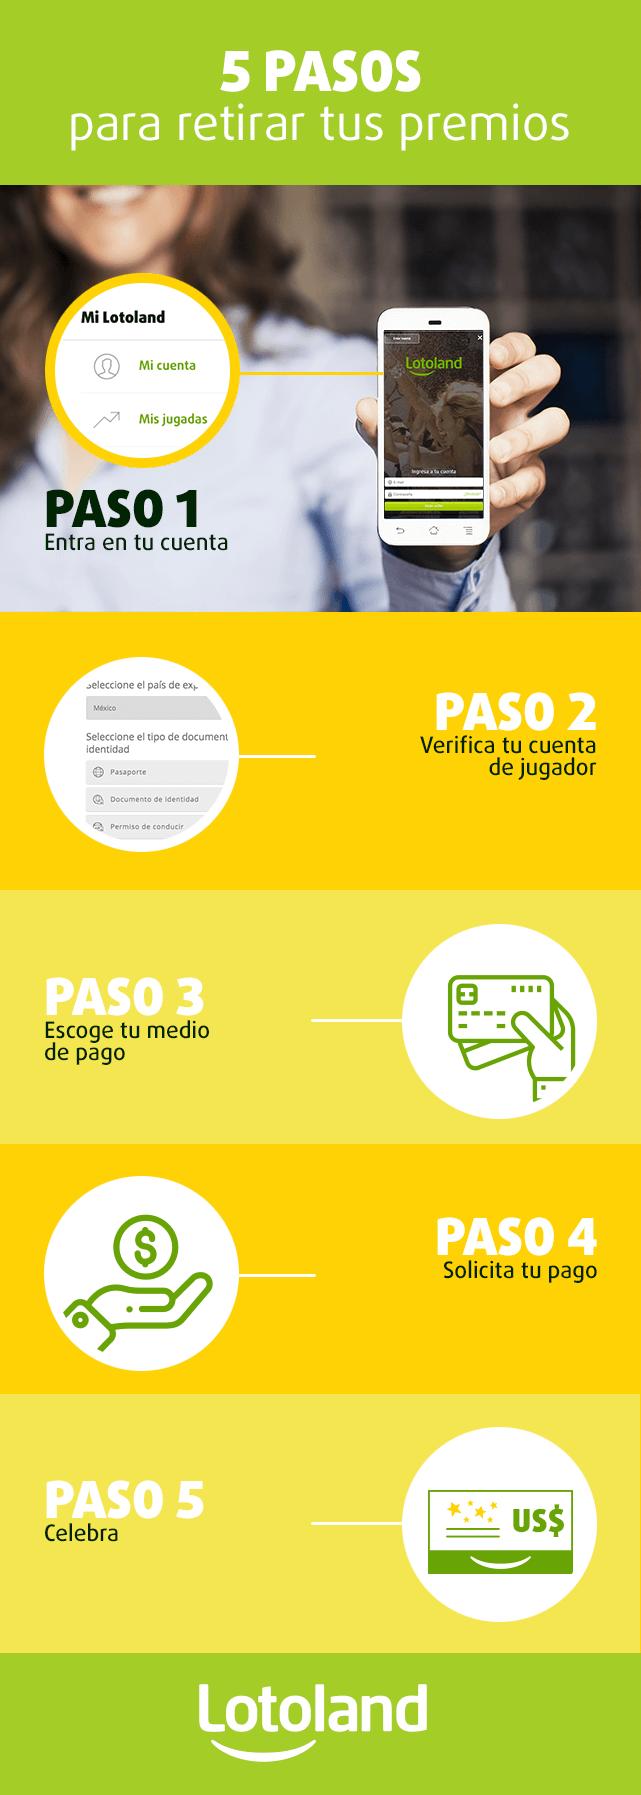 Infografía sobre cómo funcionan los pagos de lotería en Lotoland